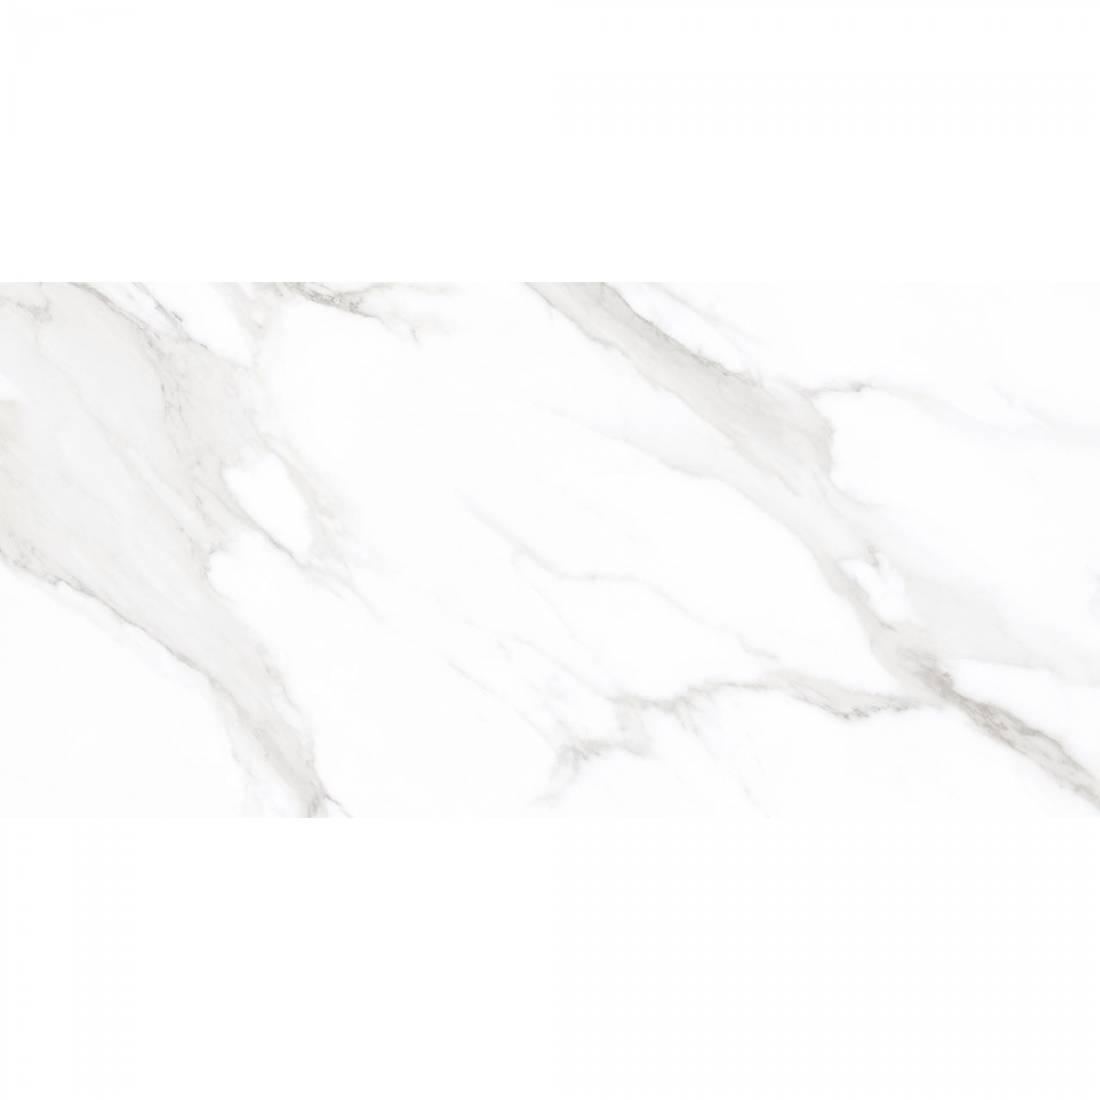 Statuario Mercury 30x60 White Polished 1